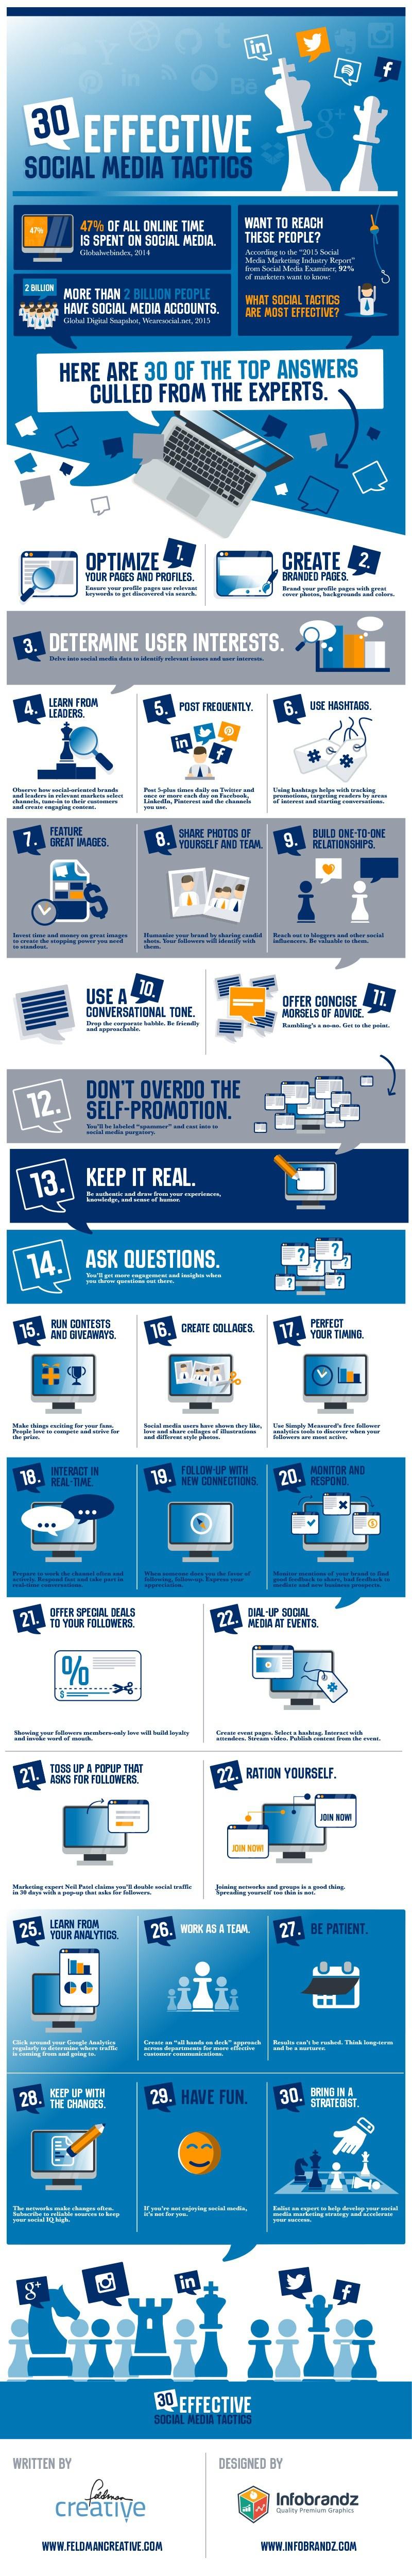 30 Effective Social Media Tactics [Infographic]